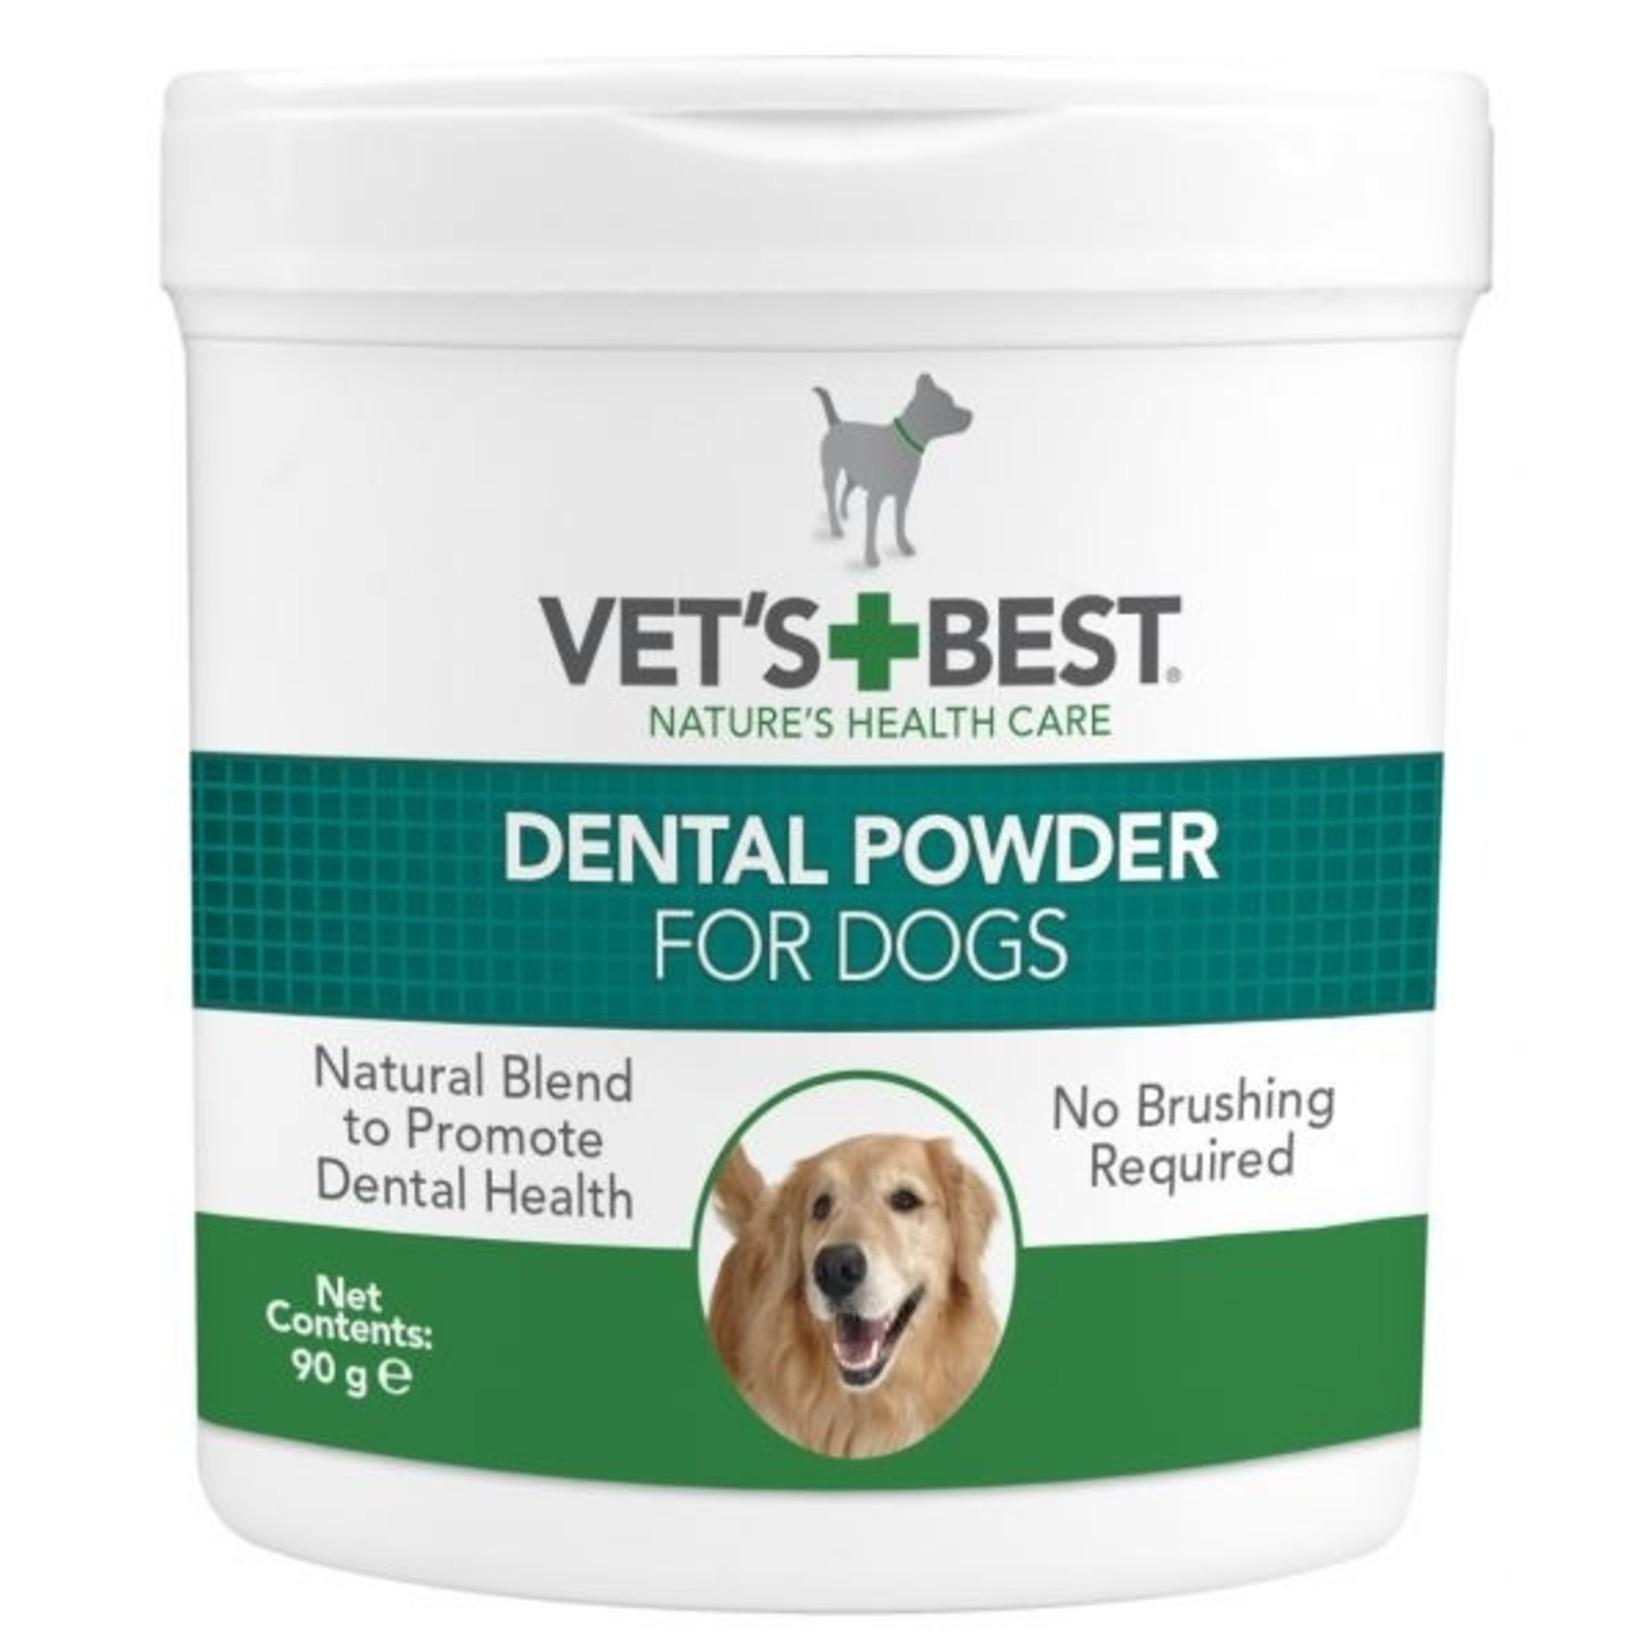 Vet's Best Vet's Best Dental Powder